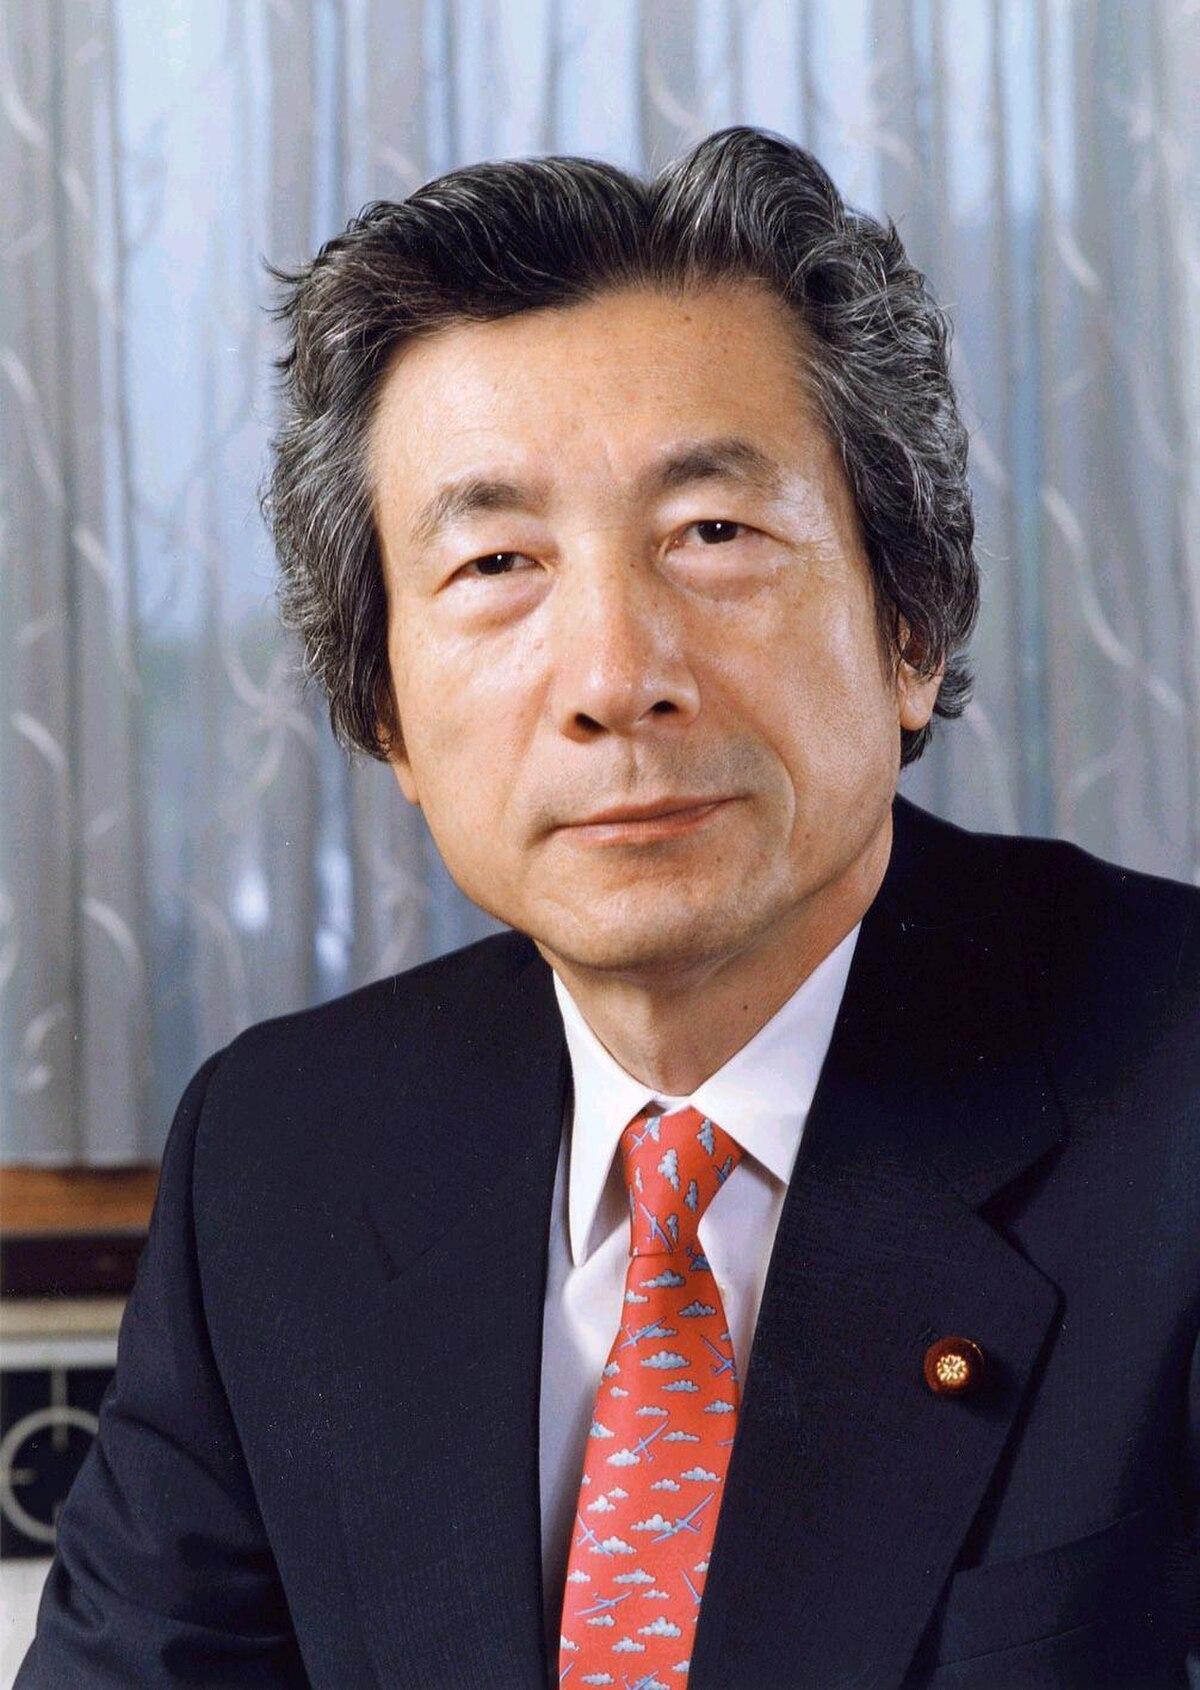 小泉純一郎 - Wikipedia